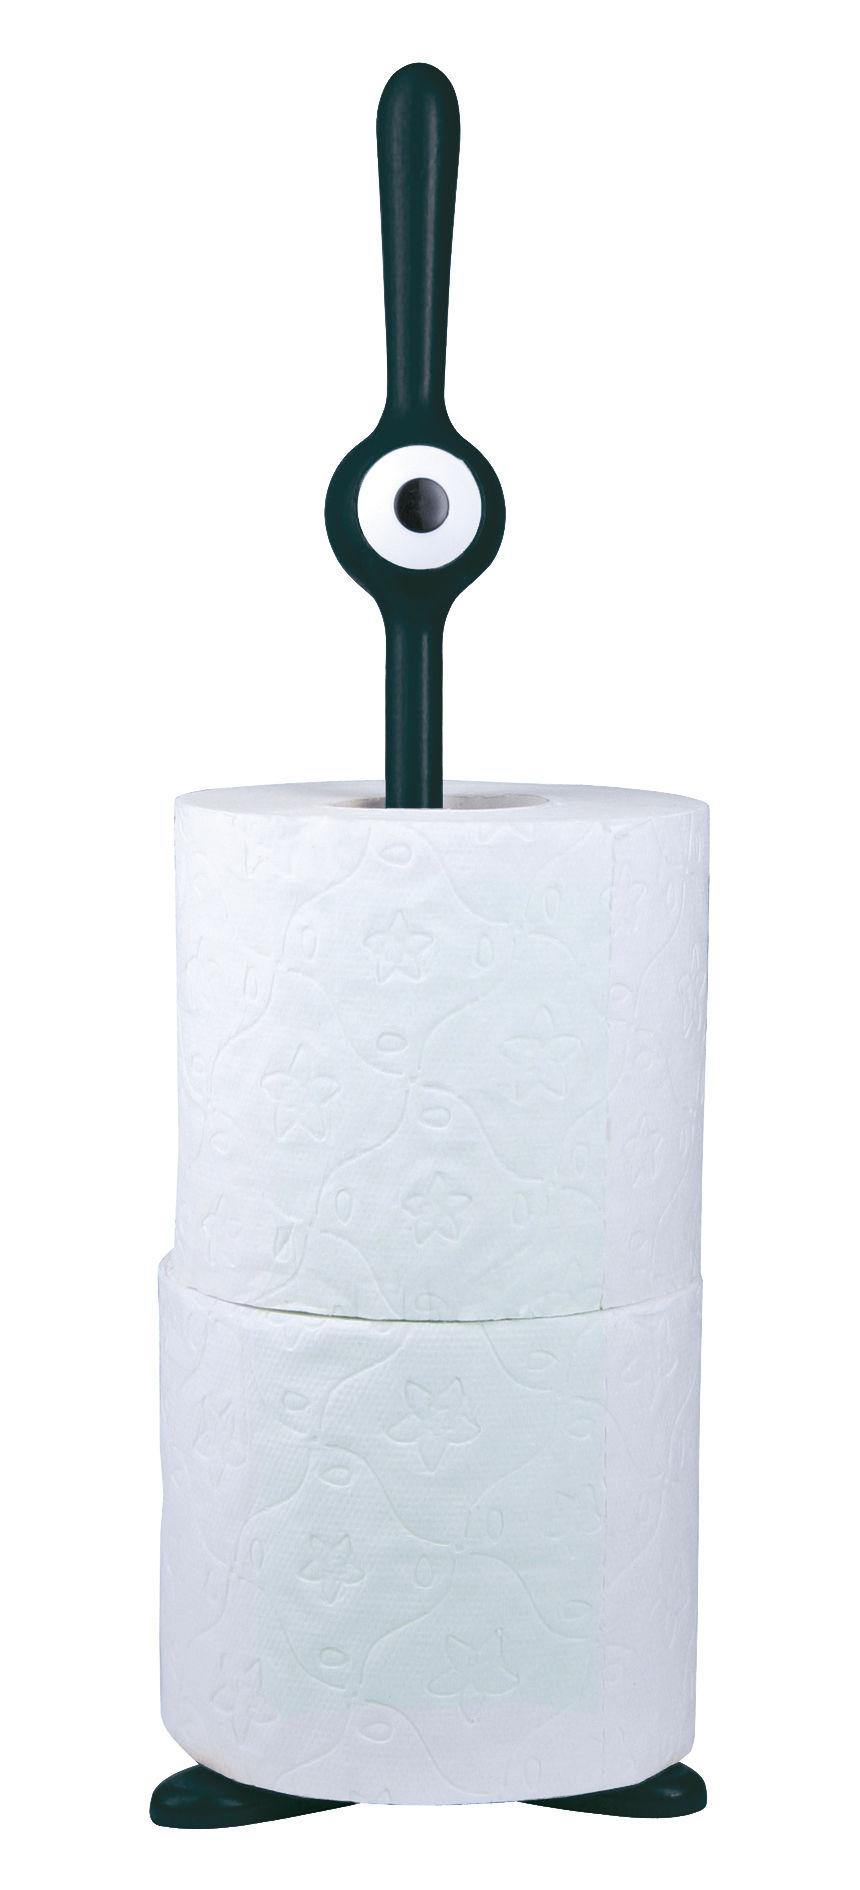 porte rouleau essuie tout toq papier toilette noir koziol. Black Bedroom Furniture Sets. Home Design Ideas